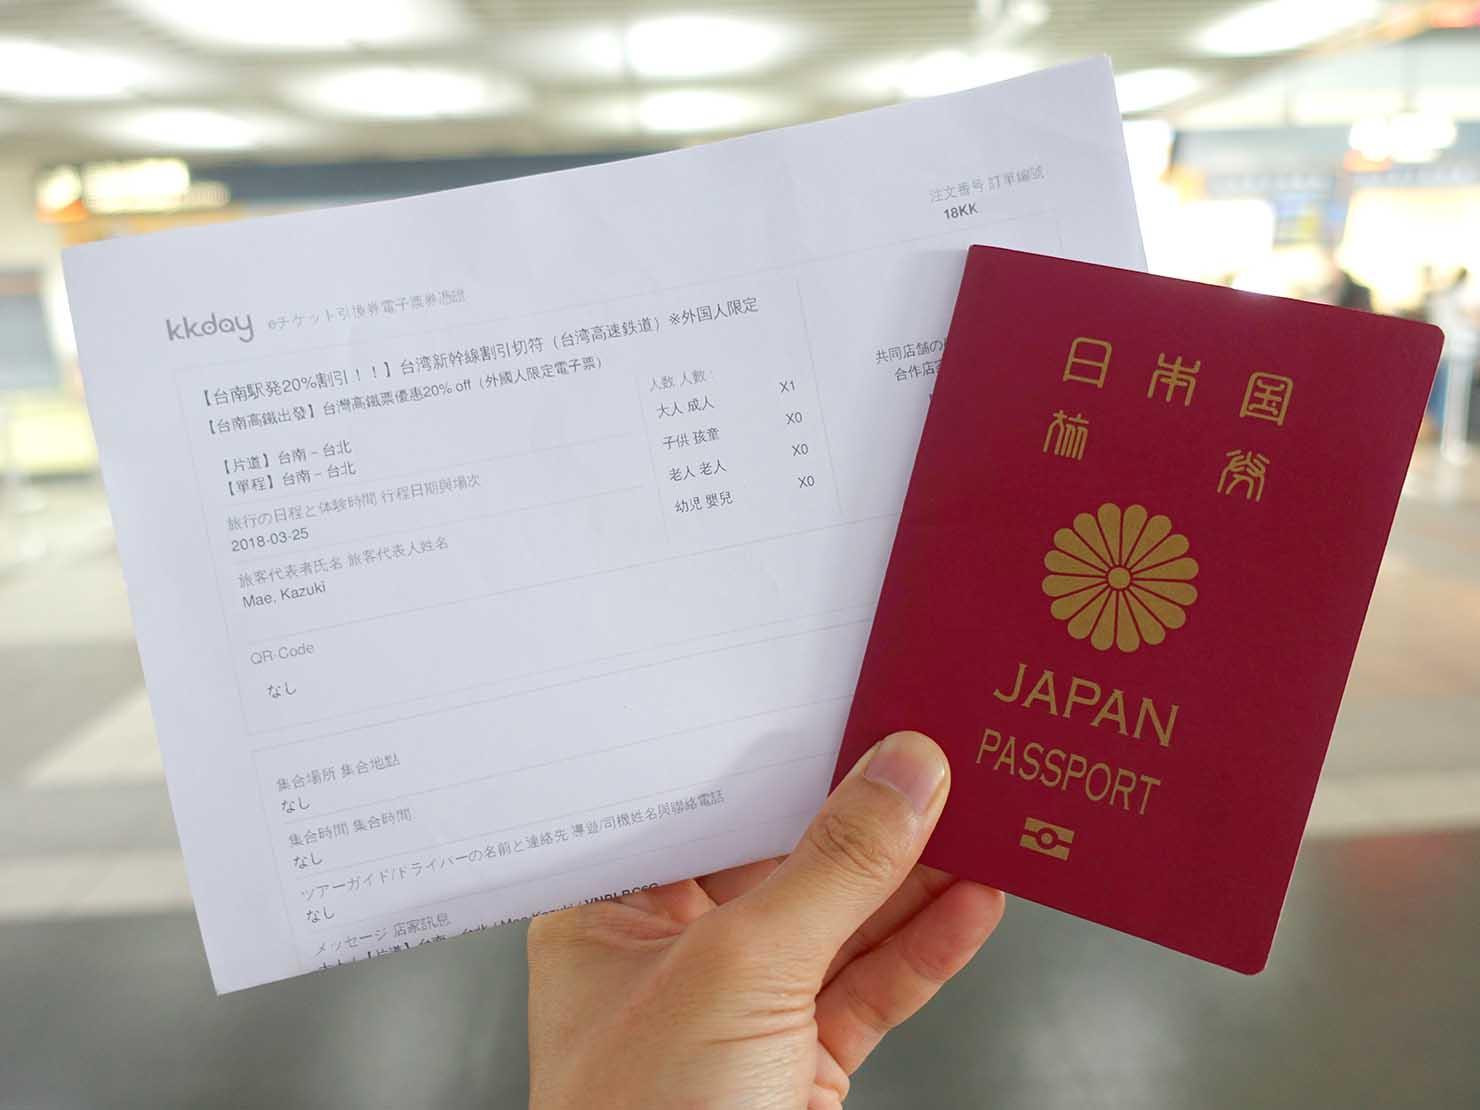 KKday台湾新幹線(高鐵)の外国人限定20%offチケットバウチャーとパスポート